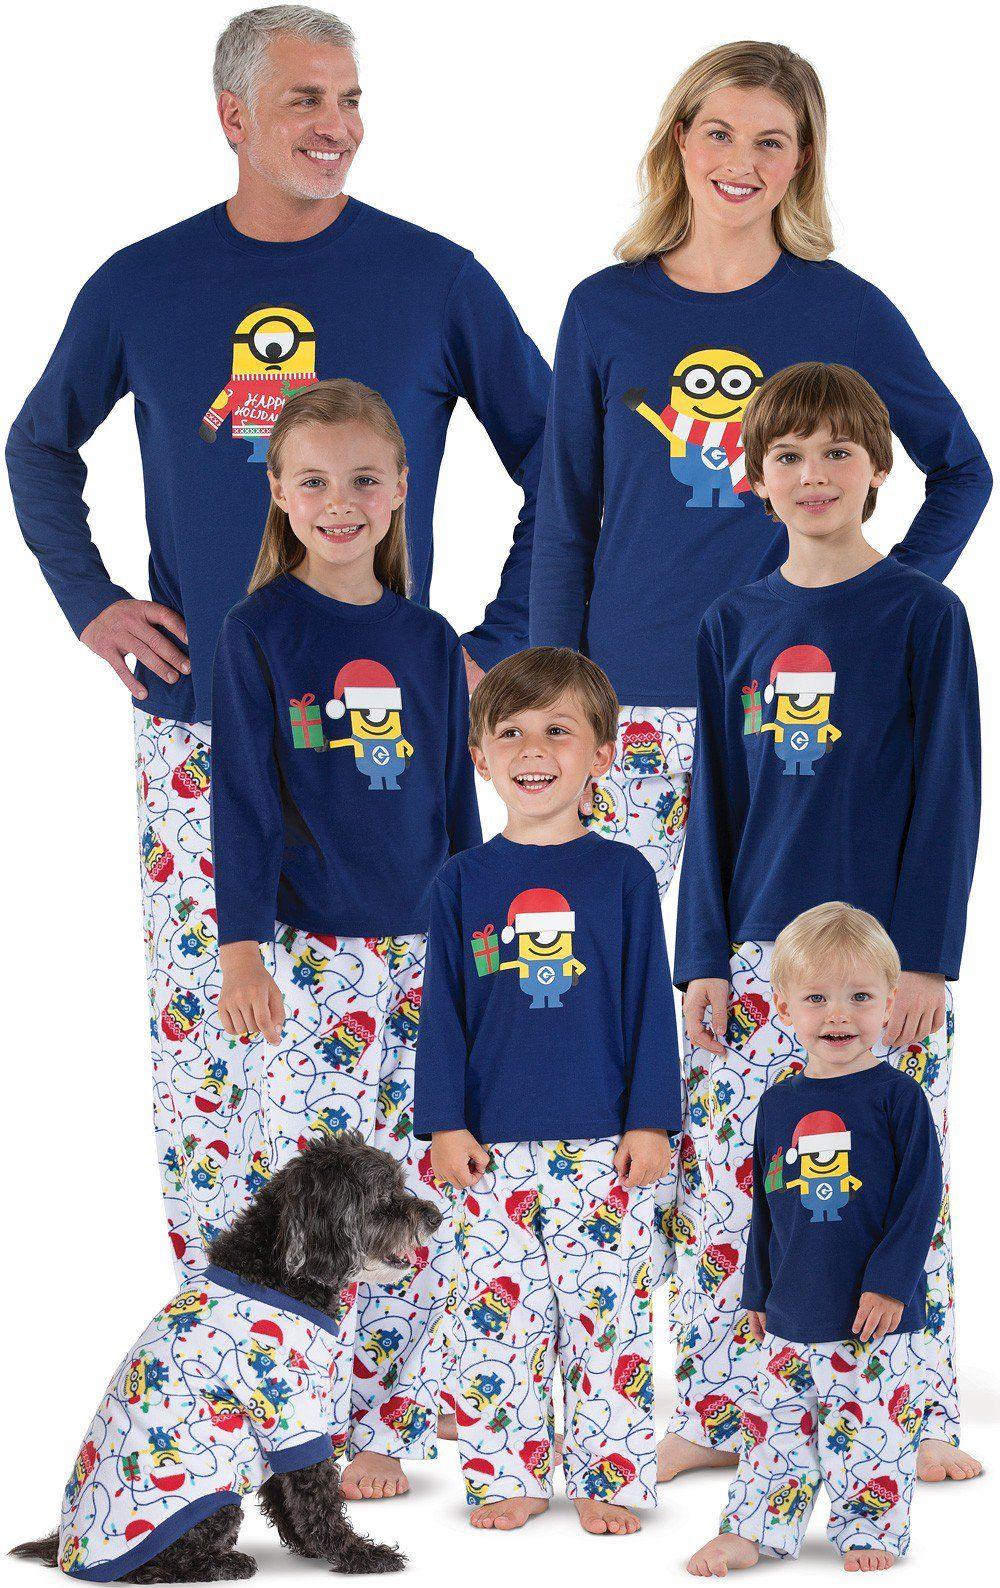 Family Christmas Pajamas Blue.Minions Matching Family Pajamas Want Matching Family